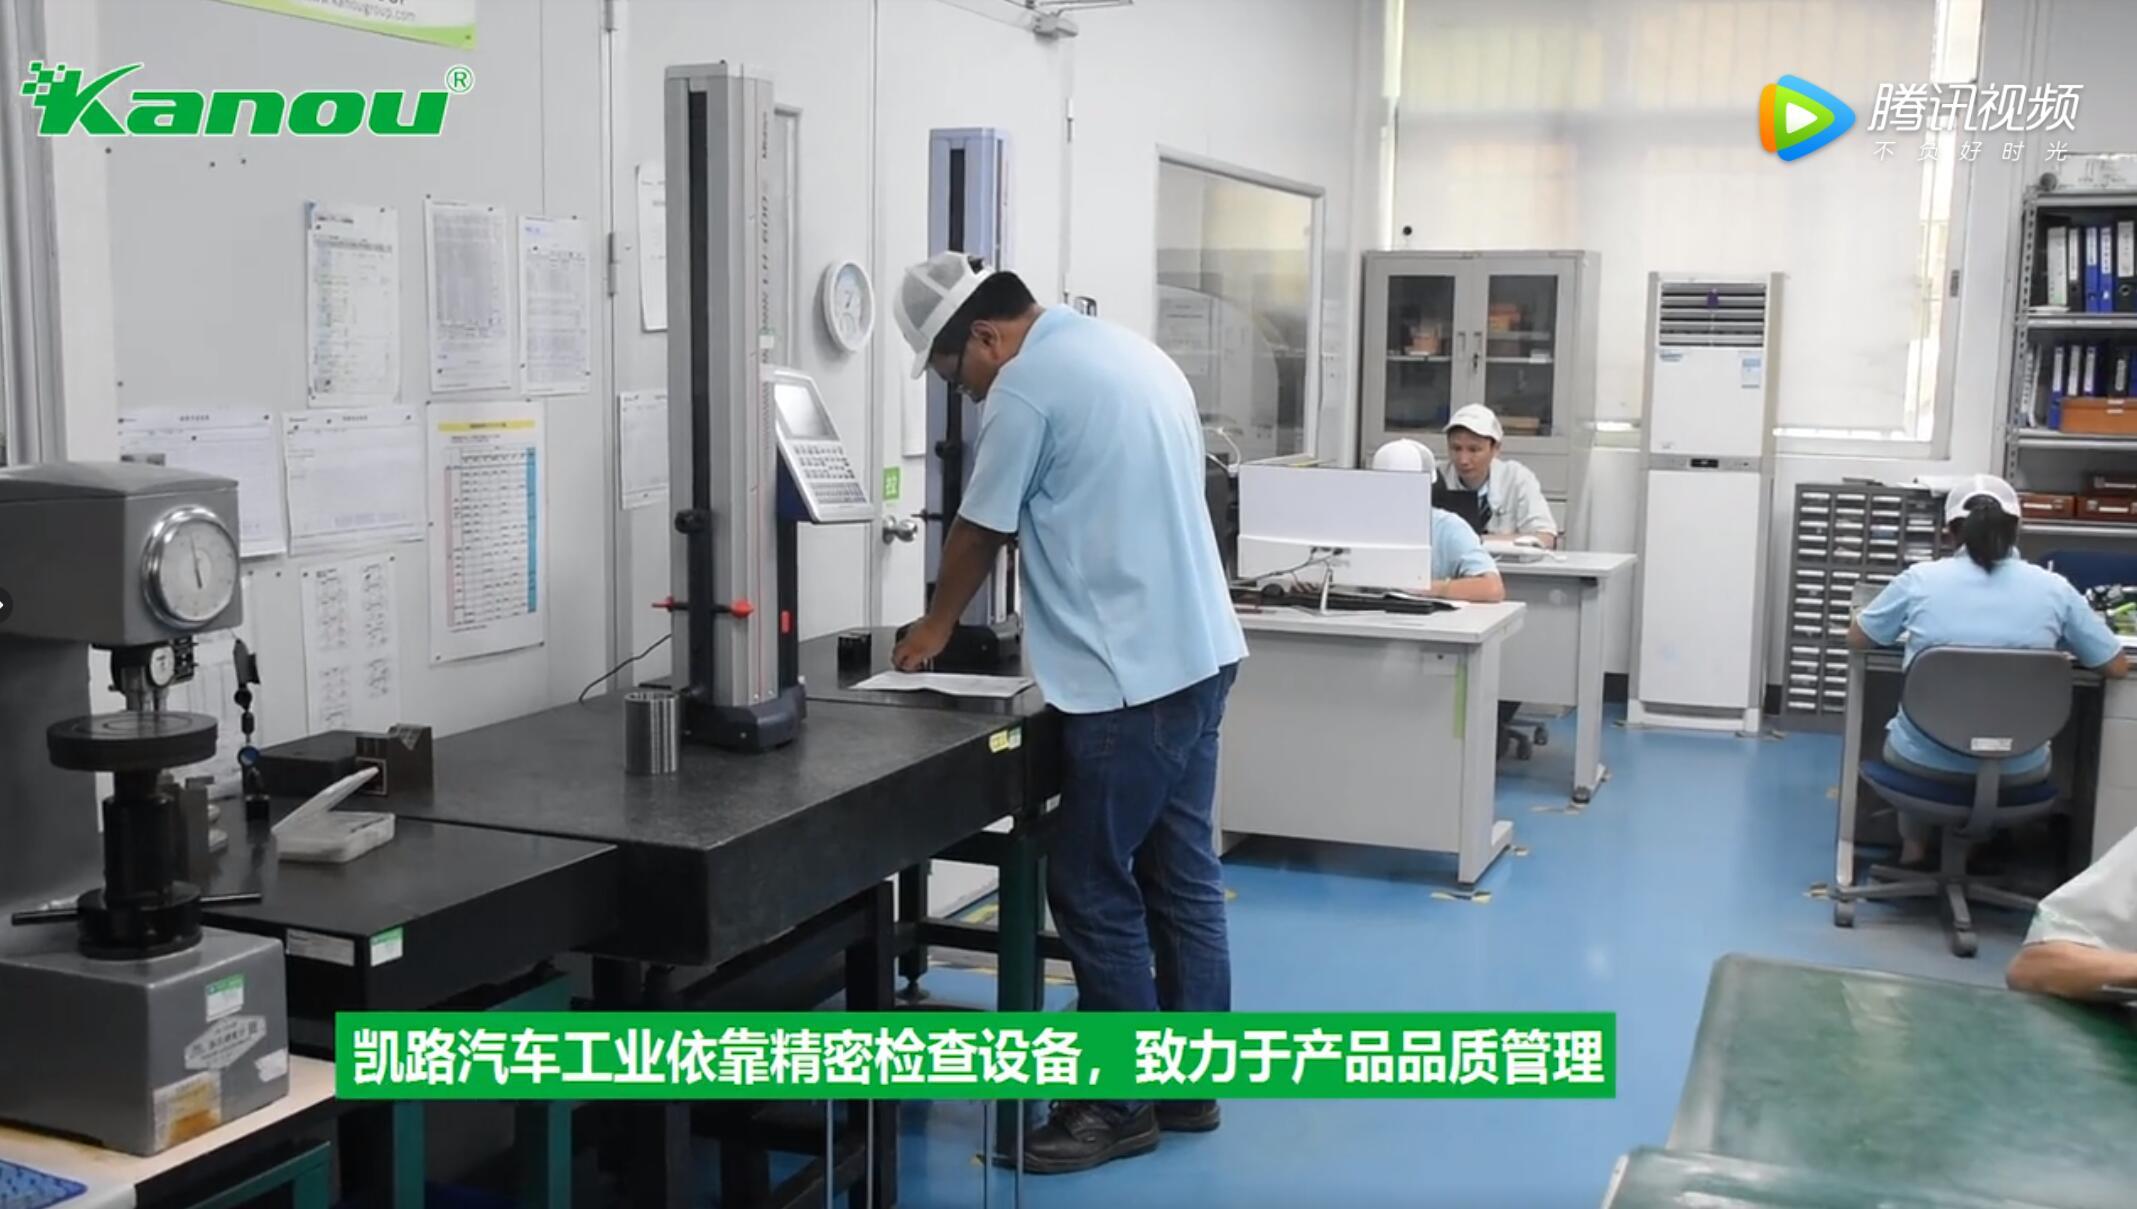 东莞凯路汽车日本五轴加工品质介绍